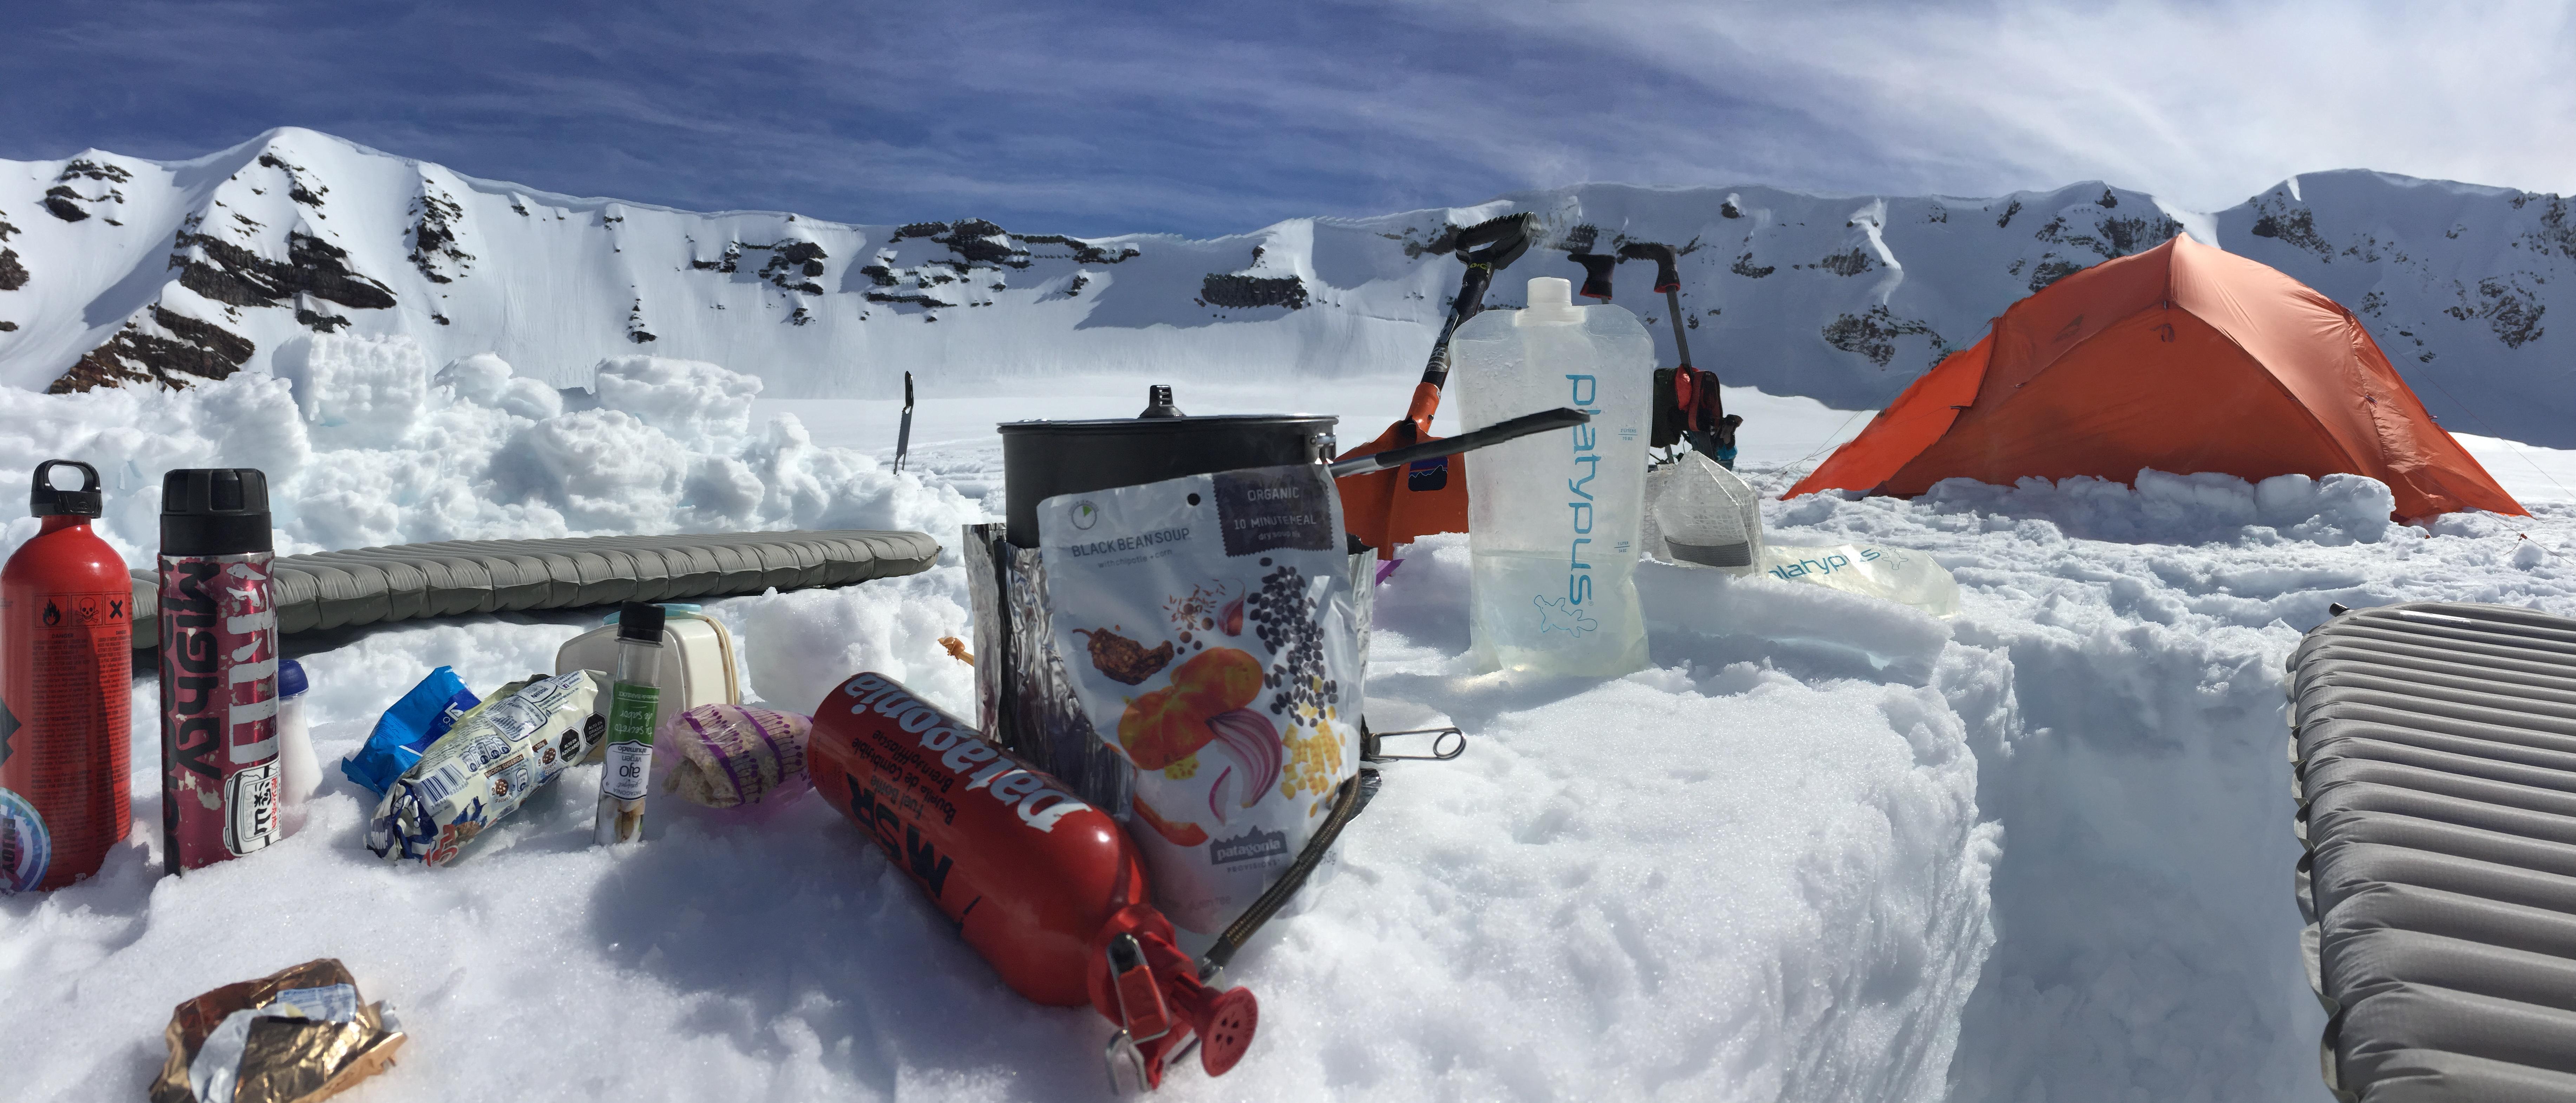 雪山テント泊では重要な荷物の軽量化とパワーになる食事を両方兼ね備えたパタゴニア プロビジョンズ。パスタを入れて食べるブラック・ビーン・スープがメインメニュー。